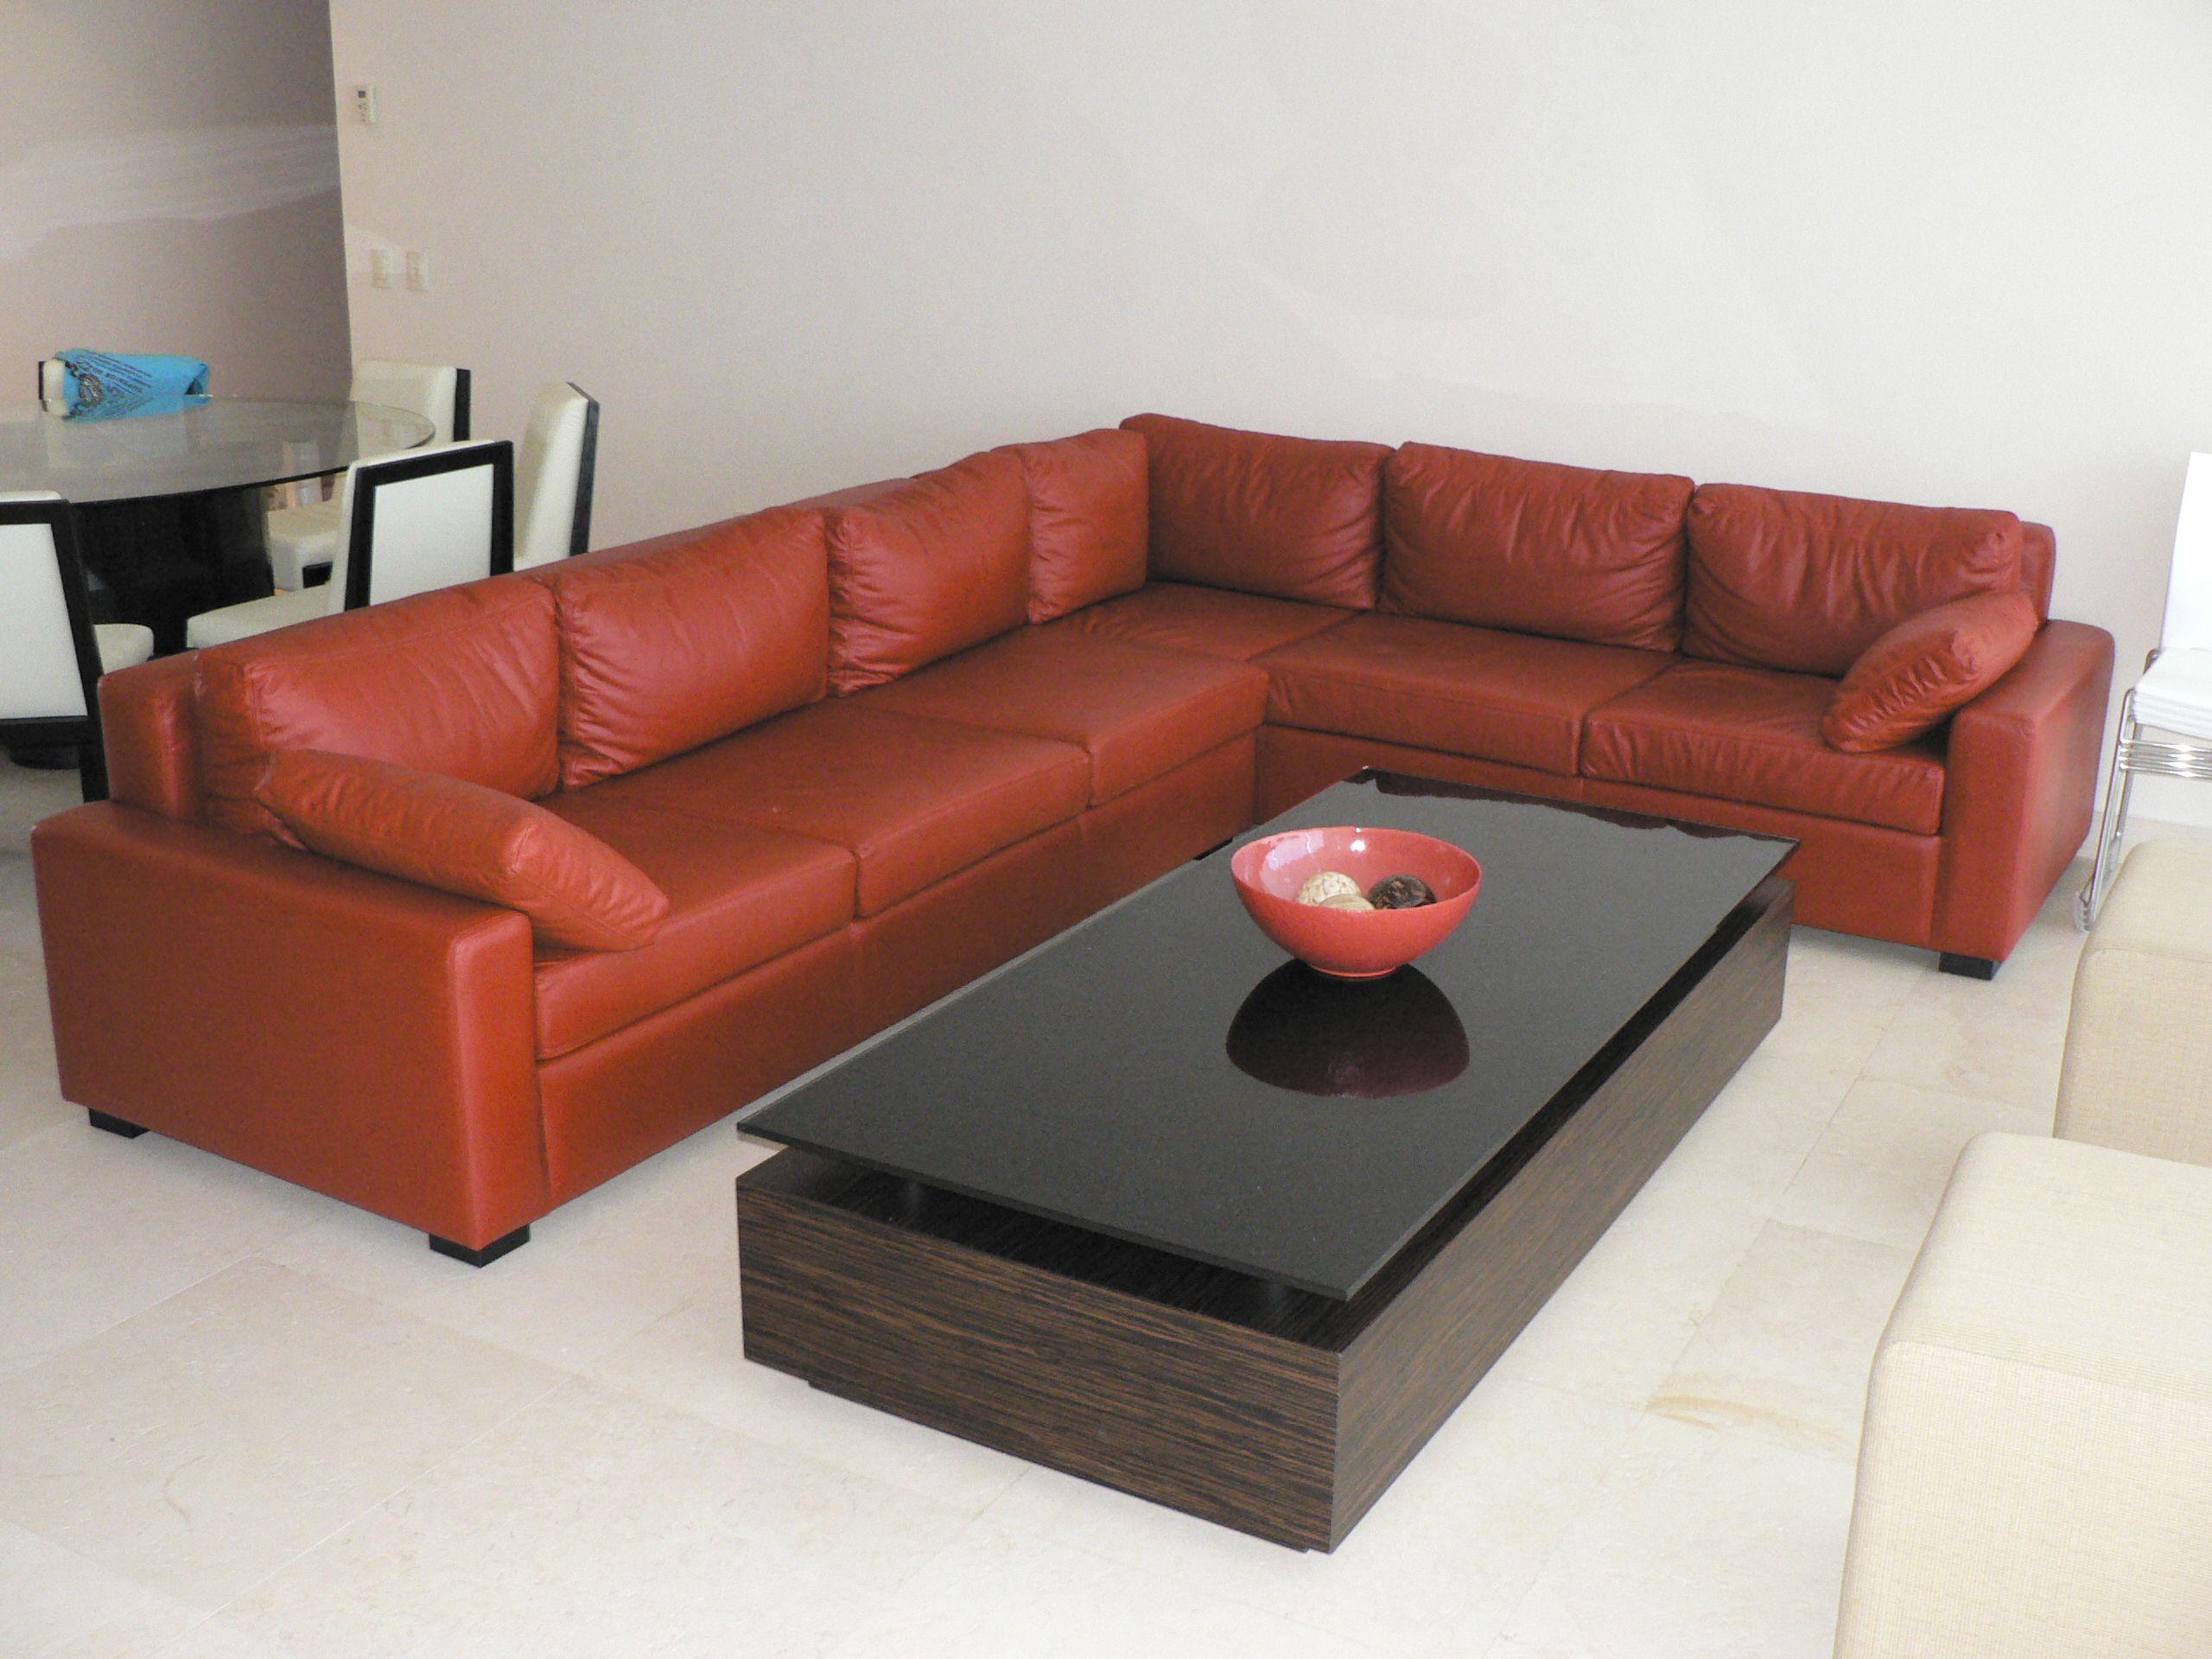 Sala De Piel Color Marr N En Escuadra Con Mesa De Centro Fabricada  # Muebles Dico Comedor Dove